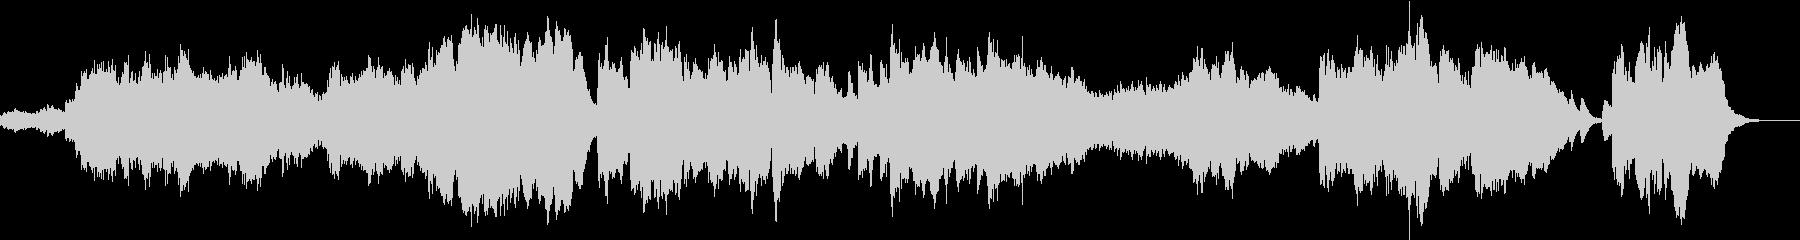 穏やかなクラリネットメインの木管四重奏の未再生の波形